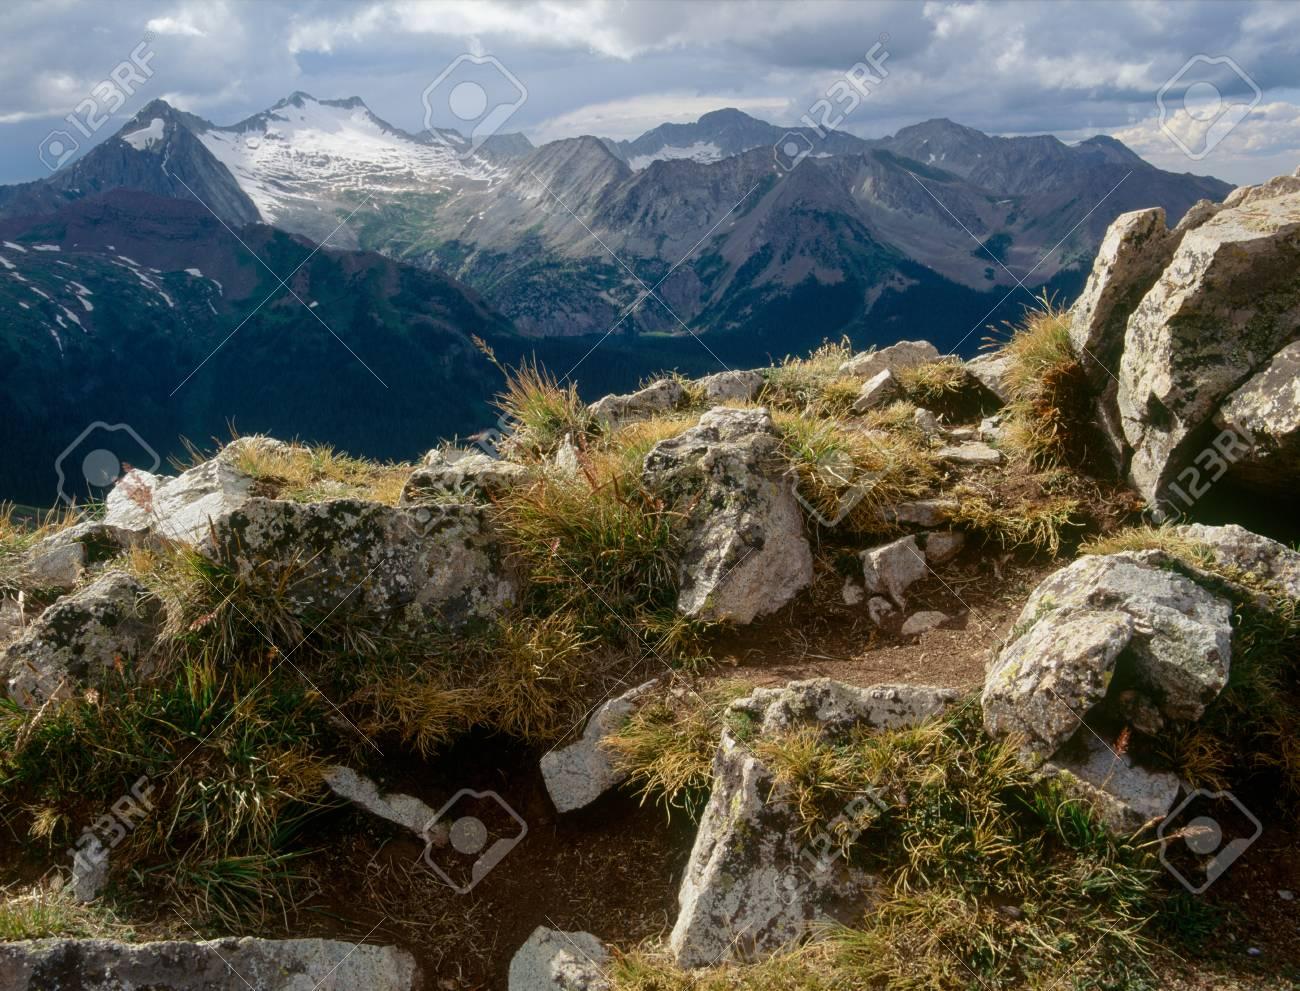 Buckskin Pass, Maroon Bells-Snowmass Wilderness, Colorado